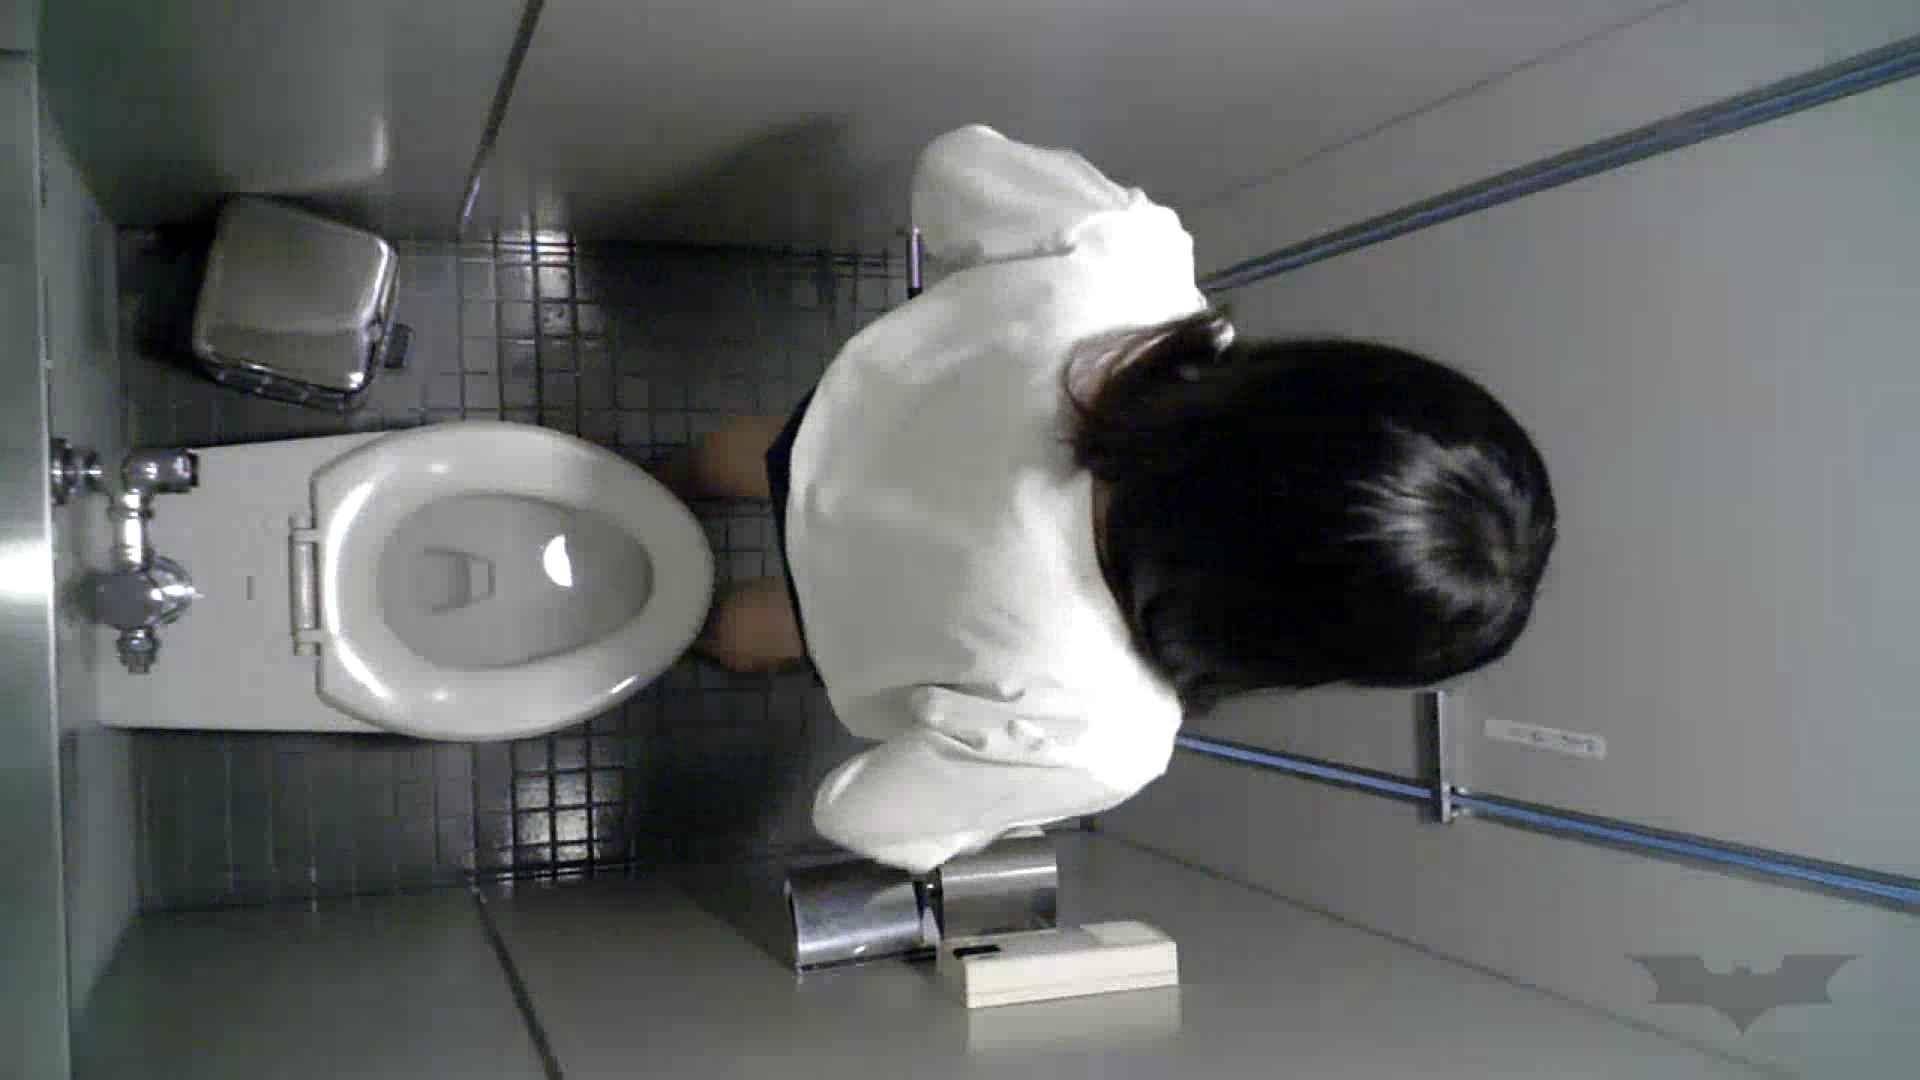 有名大学女性洗面所 vol.36 すっごい「ほじって」ます。 排泄 AV動画キャプチャ 44pic 5